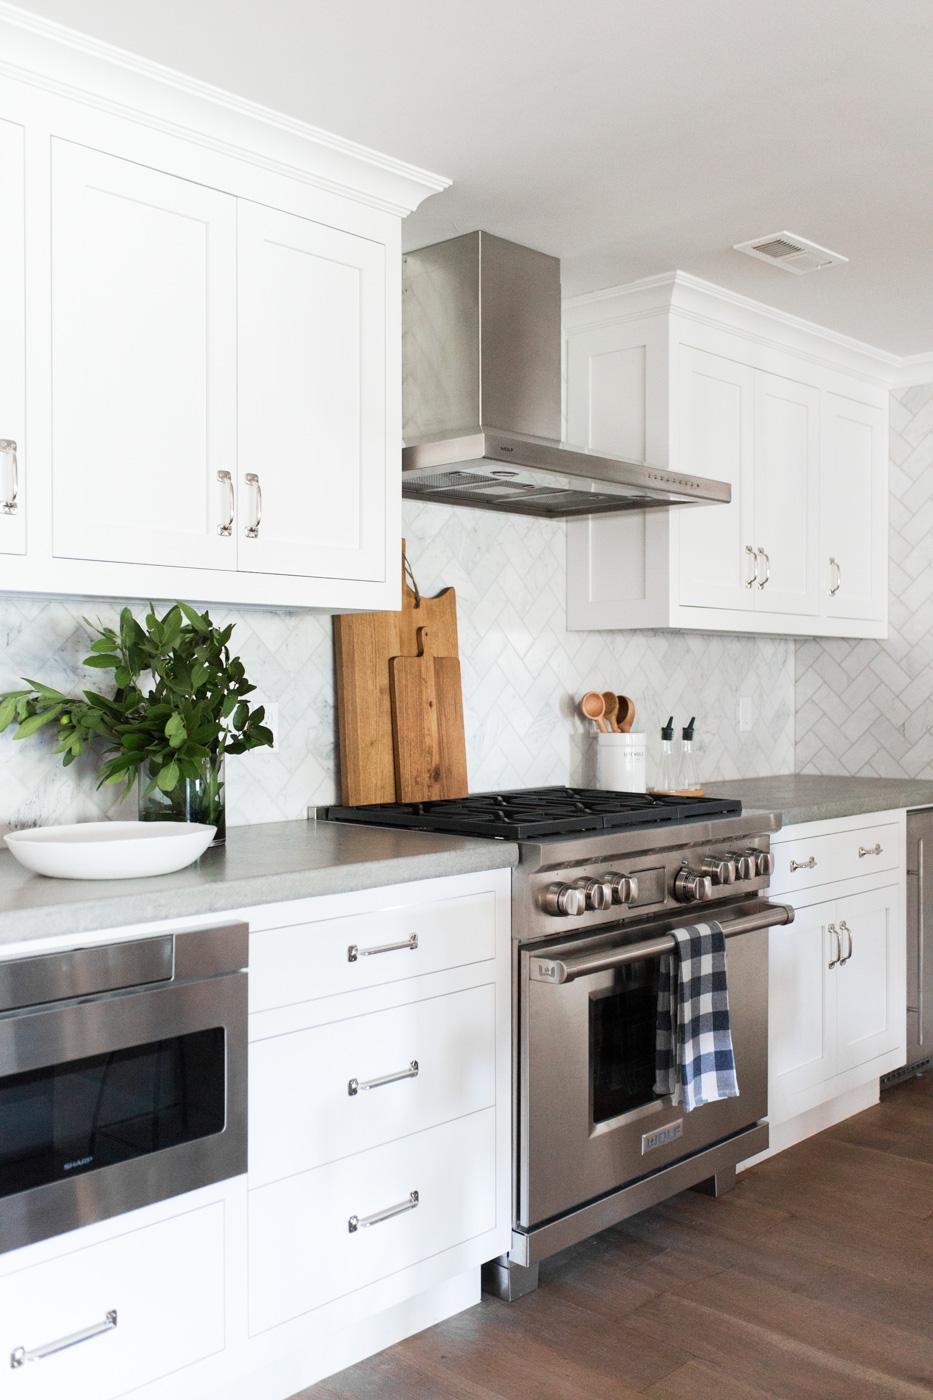 Decorative details in modern kitchen